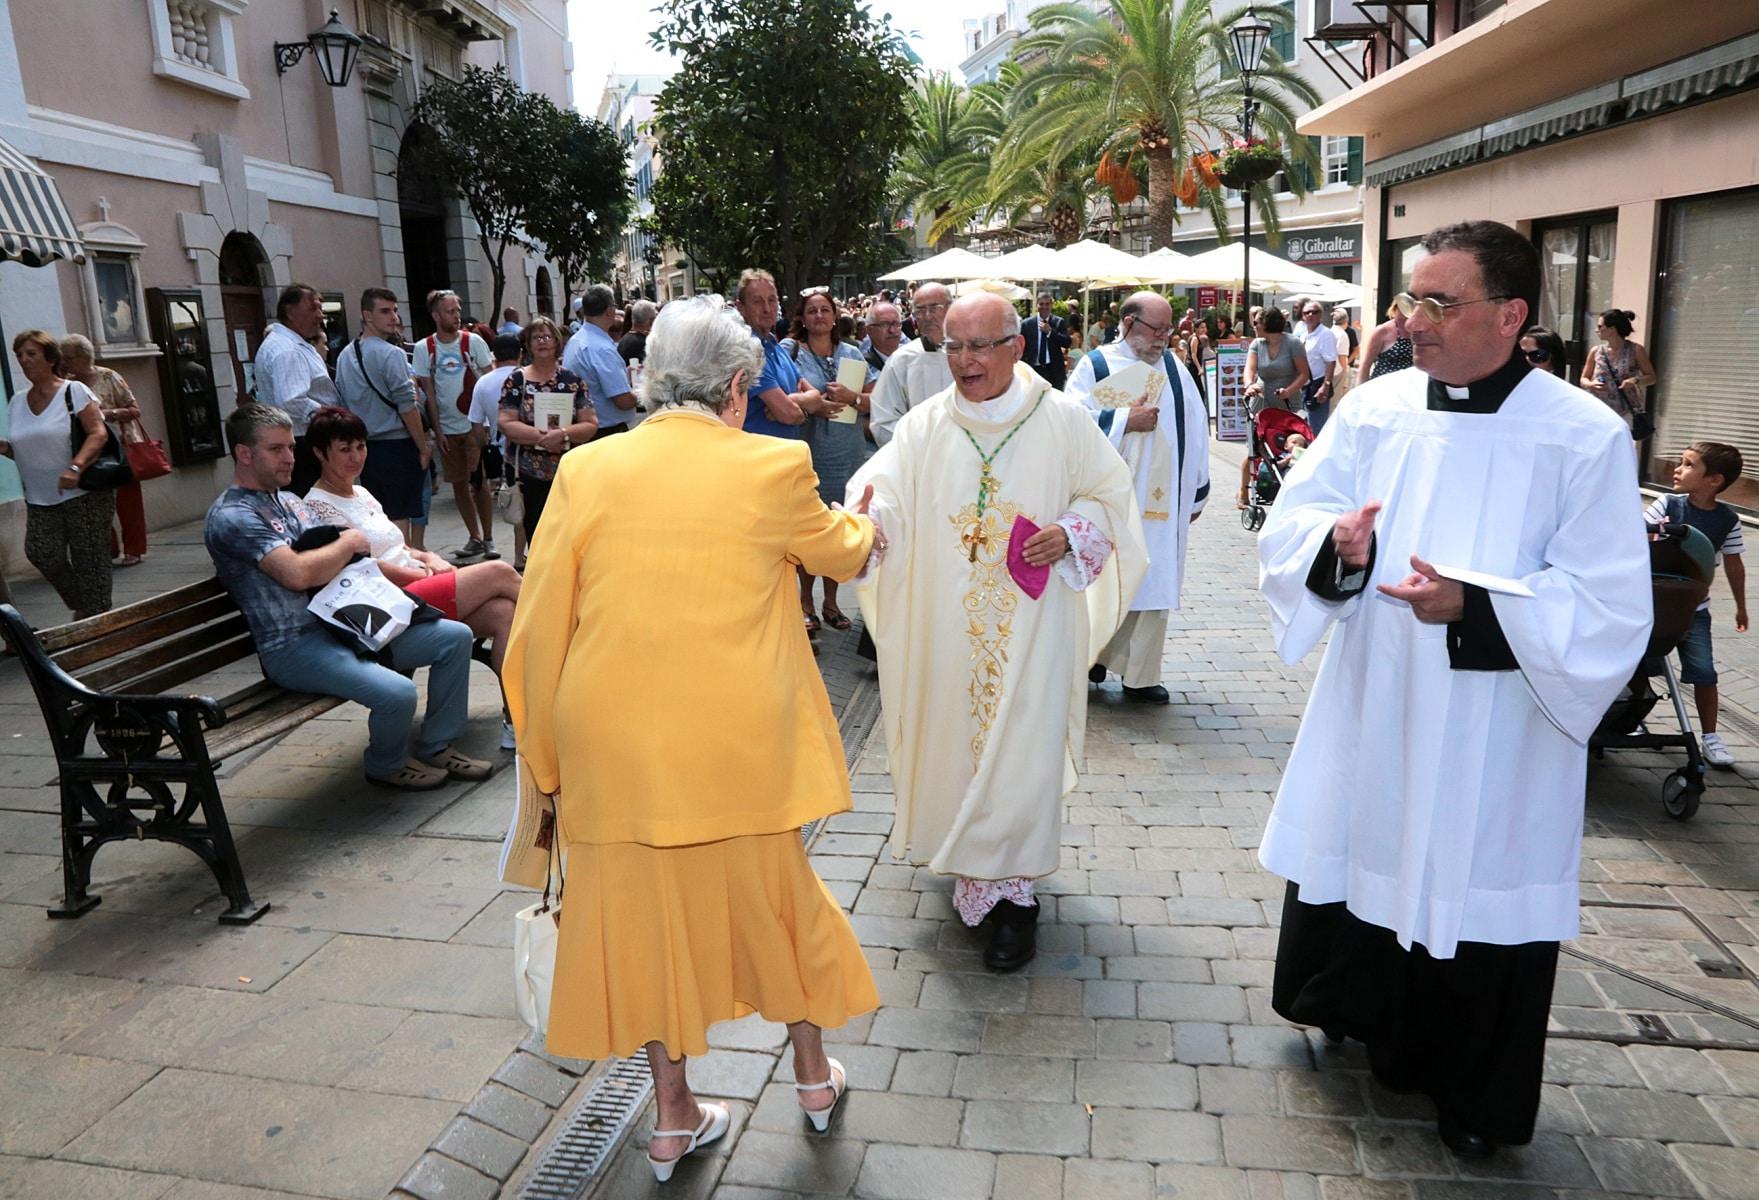 24-sep-2016-toma-de-posesin-de-carmelo-zammit-del-cargo-de-obispo-de-gibraltar_29845564482_o